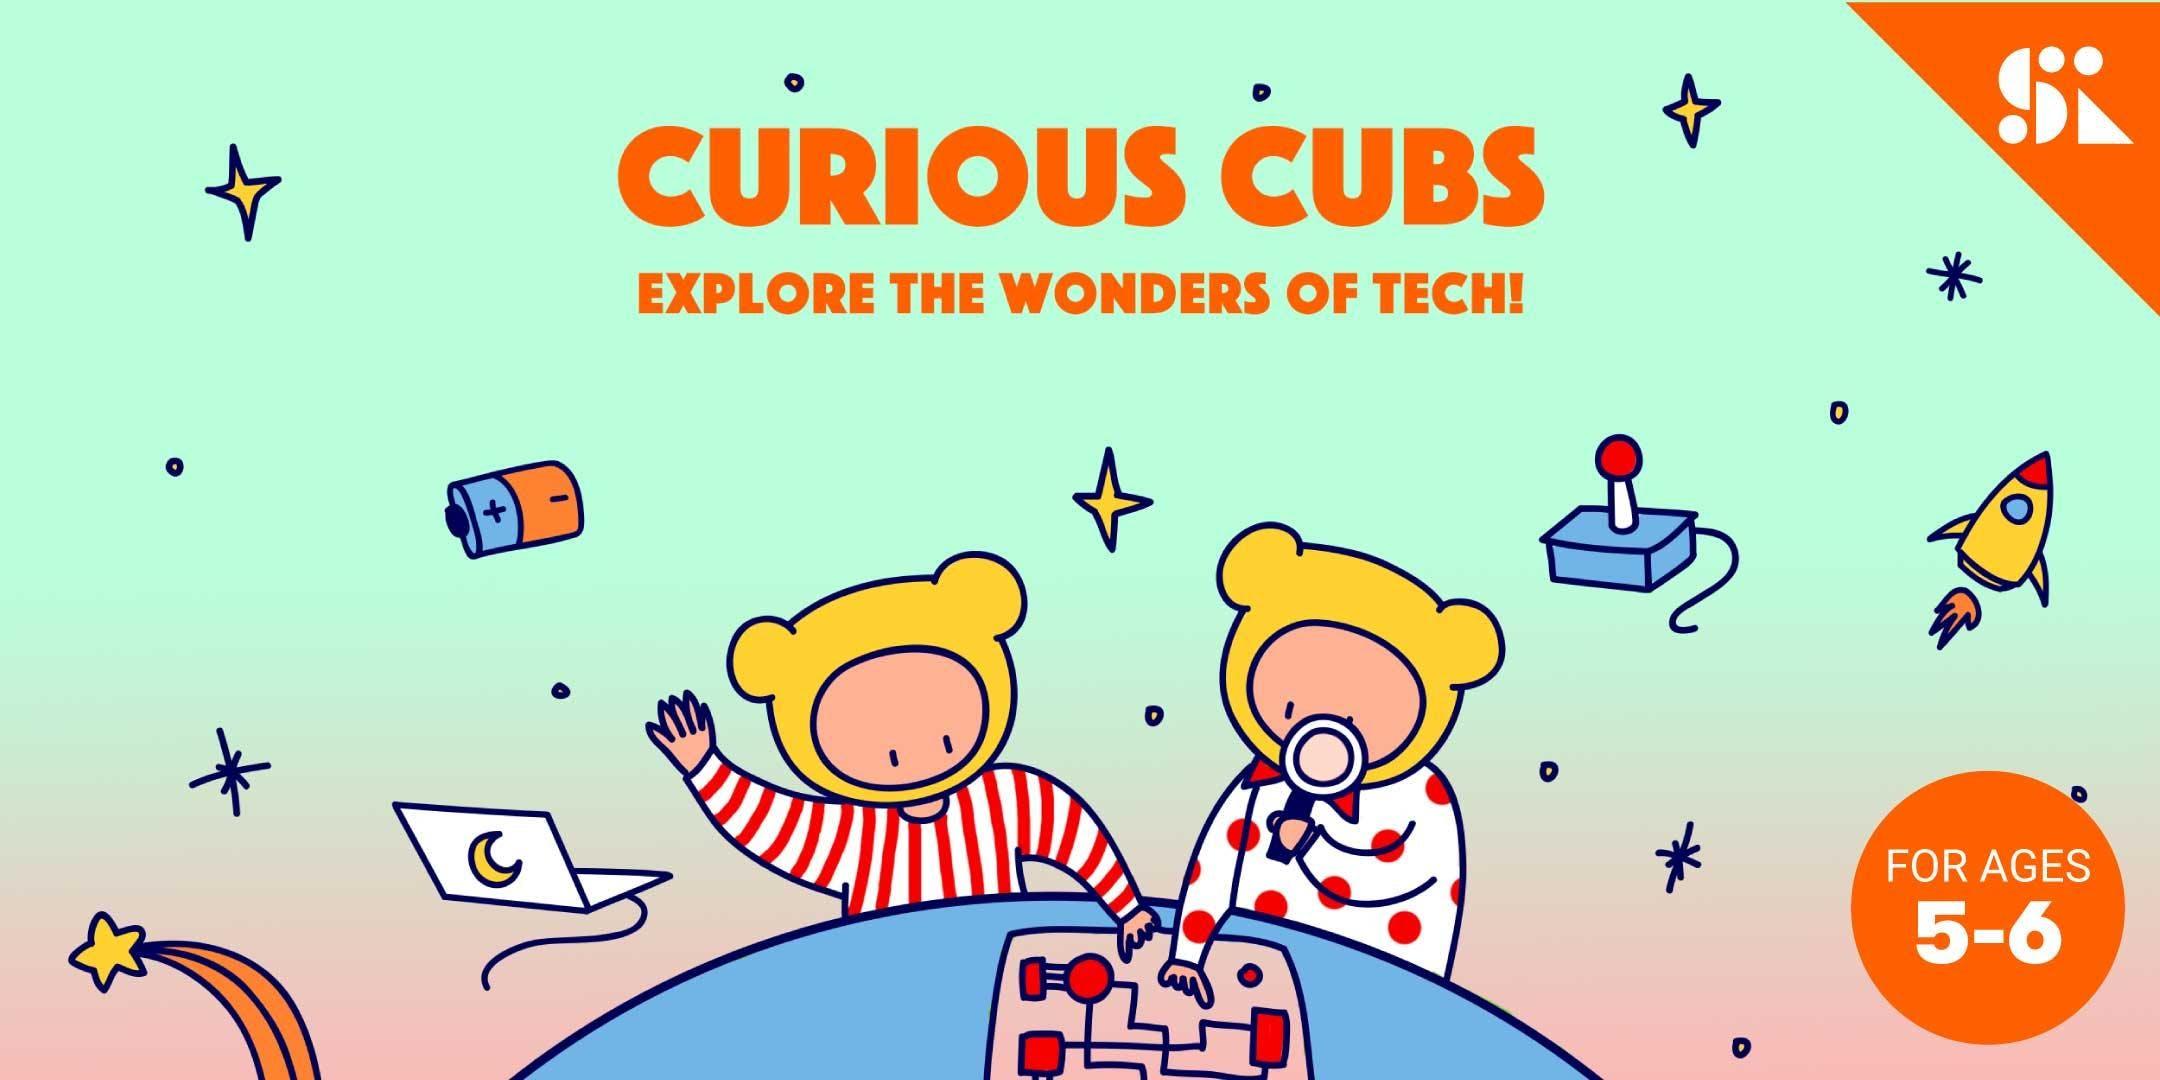 Curious Cubs Explore the Wonders of Tech [Ages 5-6] 7 Jul - 25 Aug (Sat 930AM)  East Coast